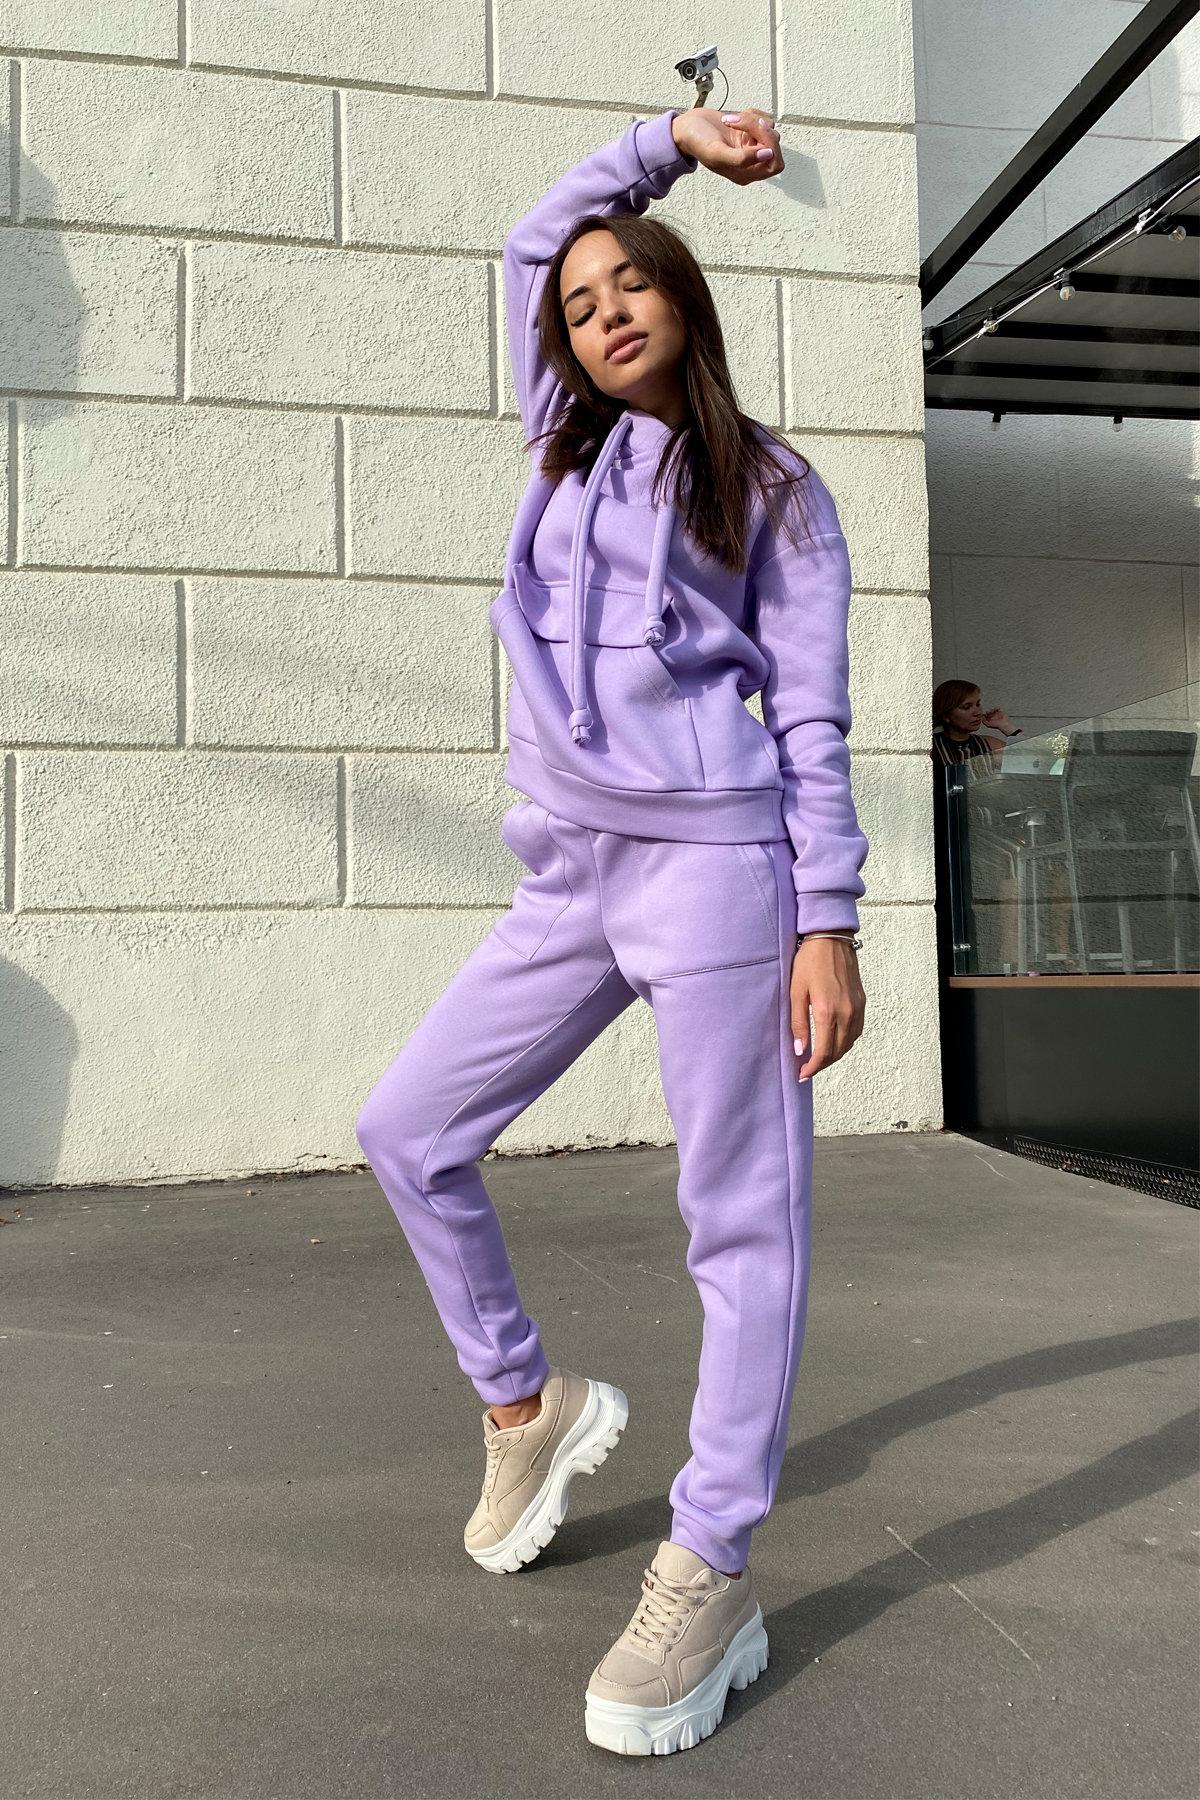 Бруклин  прогулочный костюм 3х нитка с начесом  9663 АРТ. 46097 Цвет: лаванда светлая - фото 3, интернет магазин tm-modus.ru